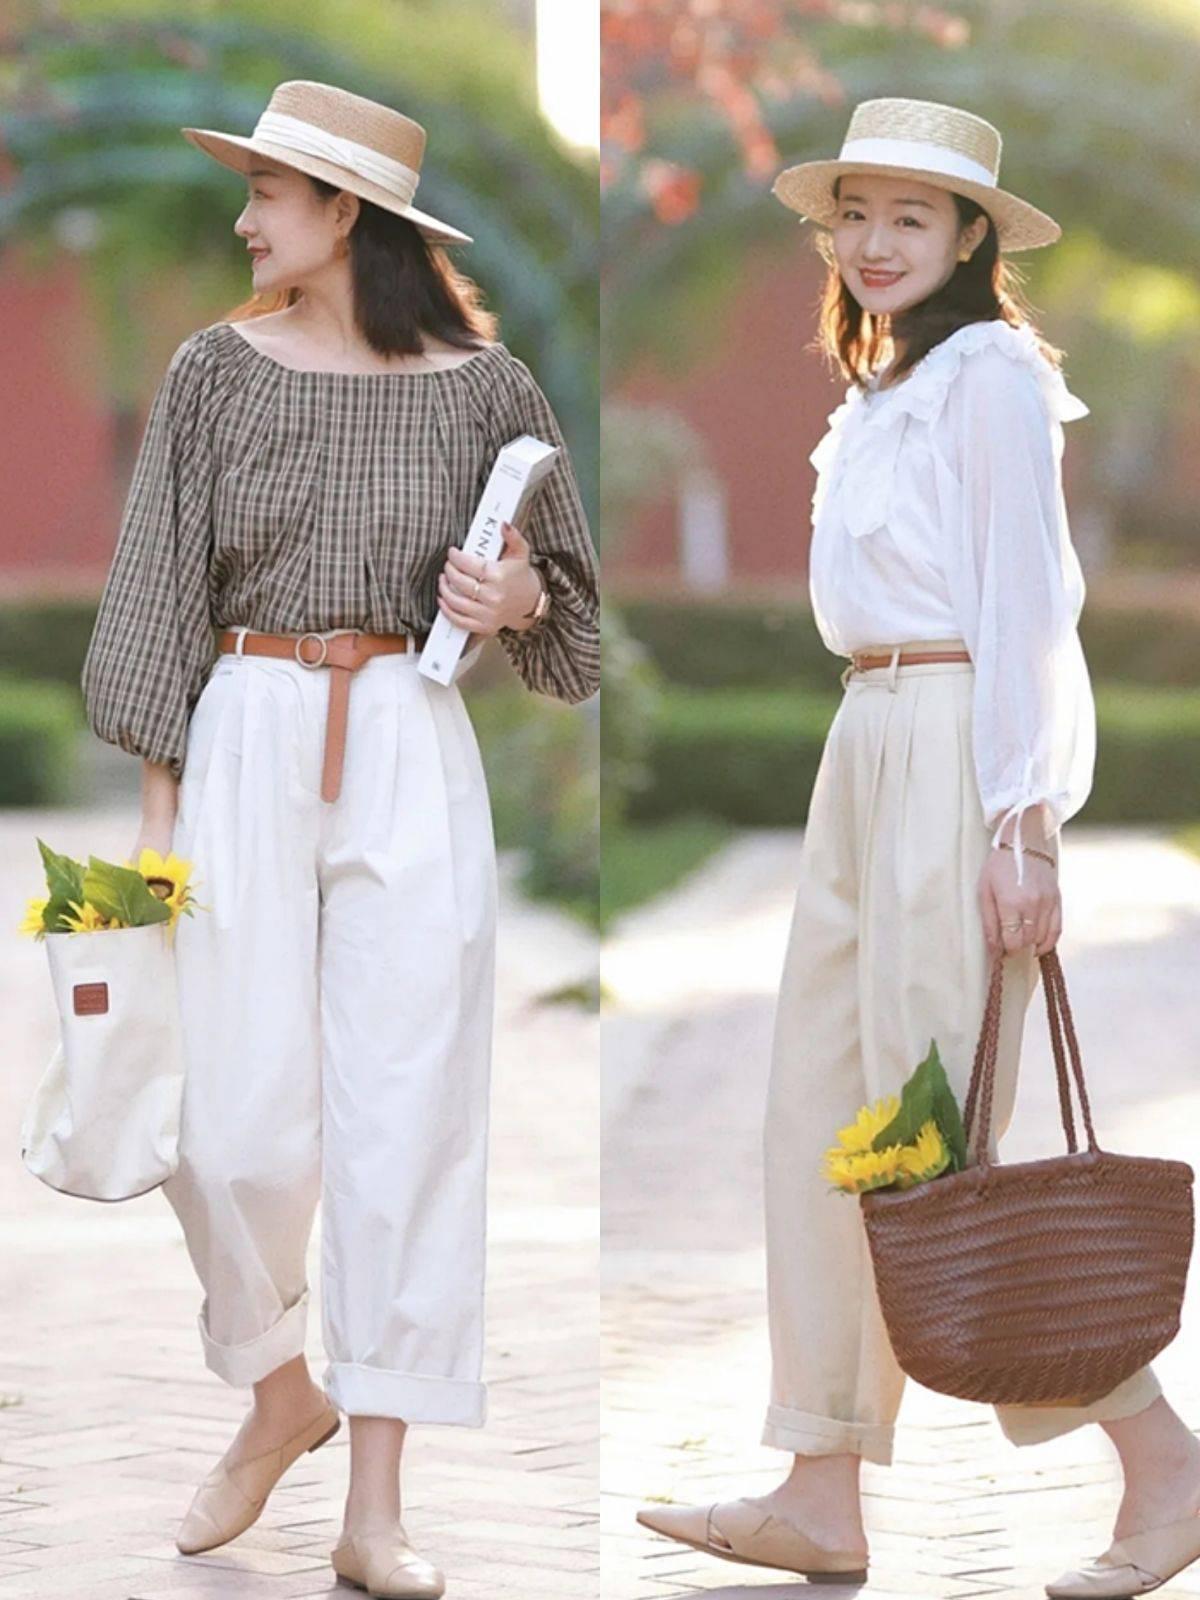 这个夏季阔腿裤不流行搭高跟鞋,优雅女人都爱配这4种平底鞋更舒适高级